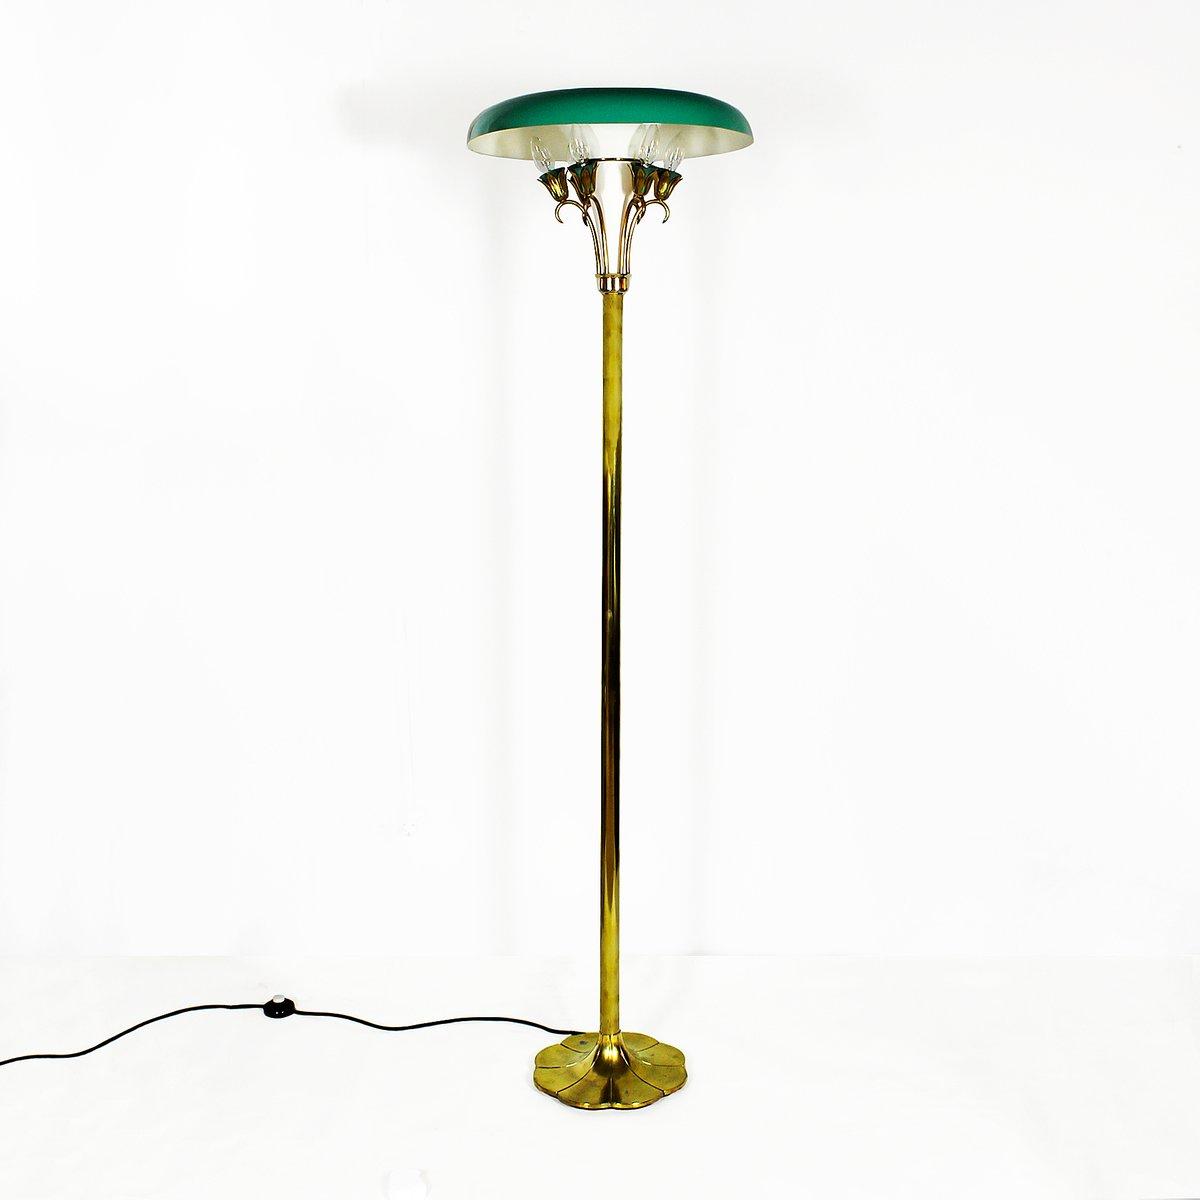 Stehlampe von Stiffel, 1950er